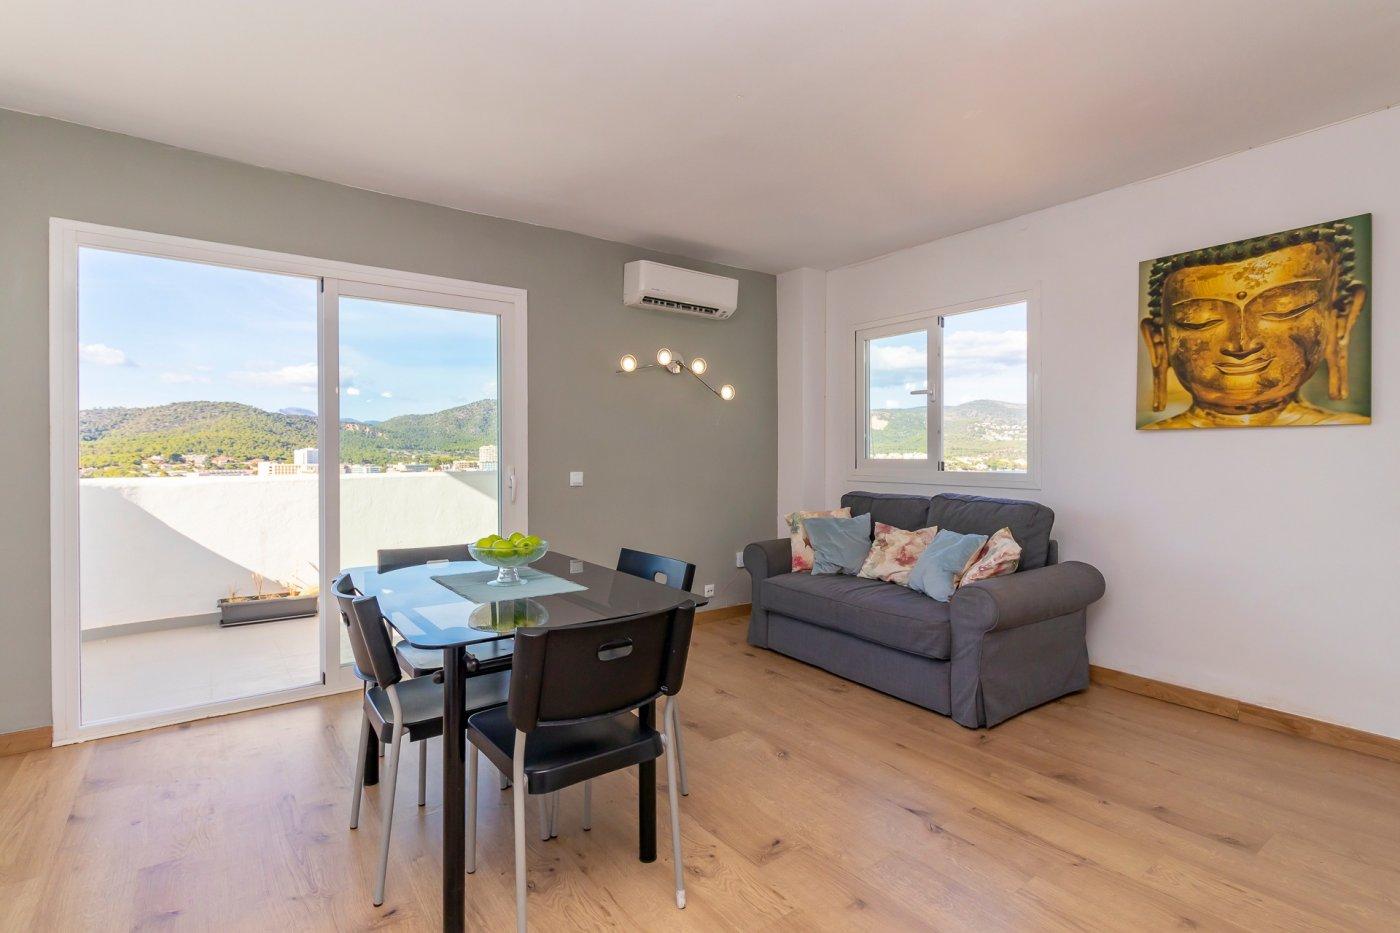 Precioso apartamento con vistas al mar en magaluf, calvia - imagenInmueble1